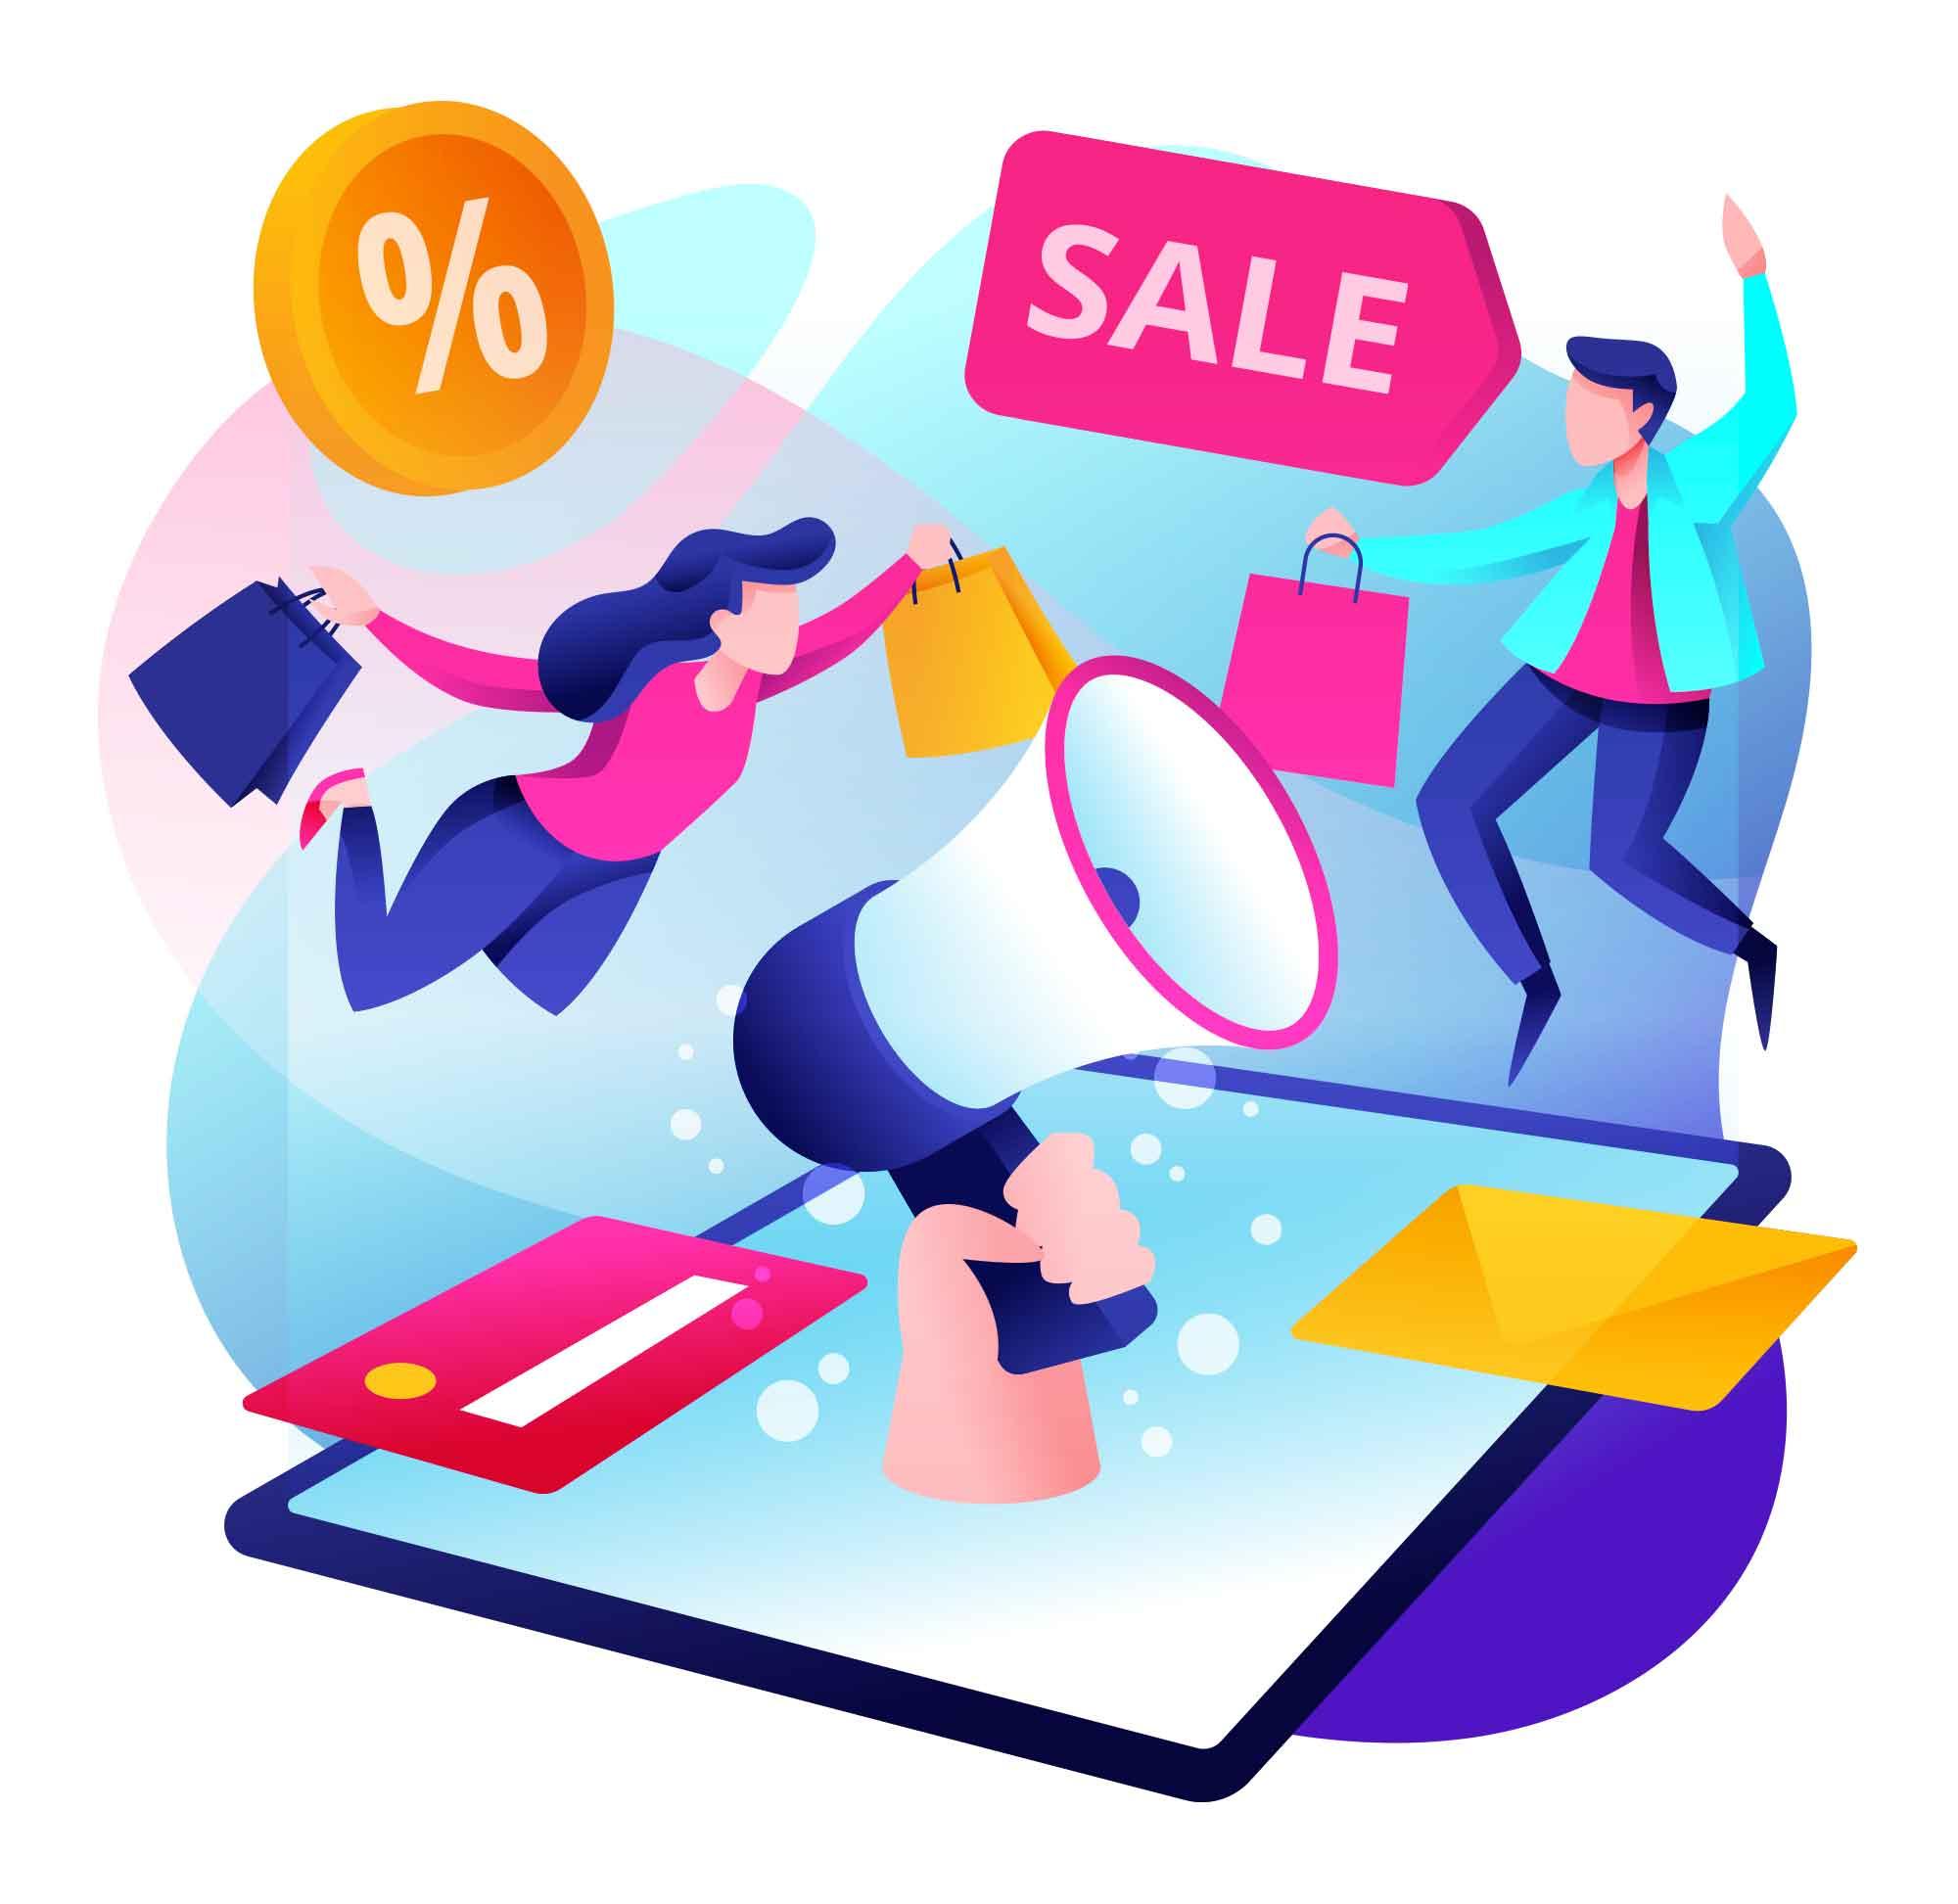 Online Promotion Illustration